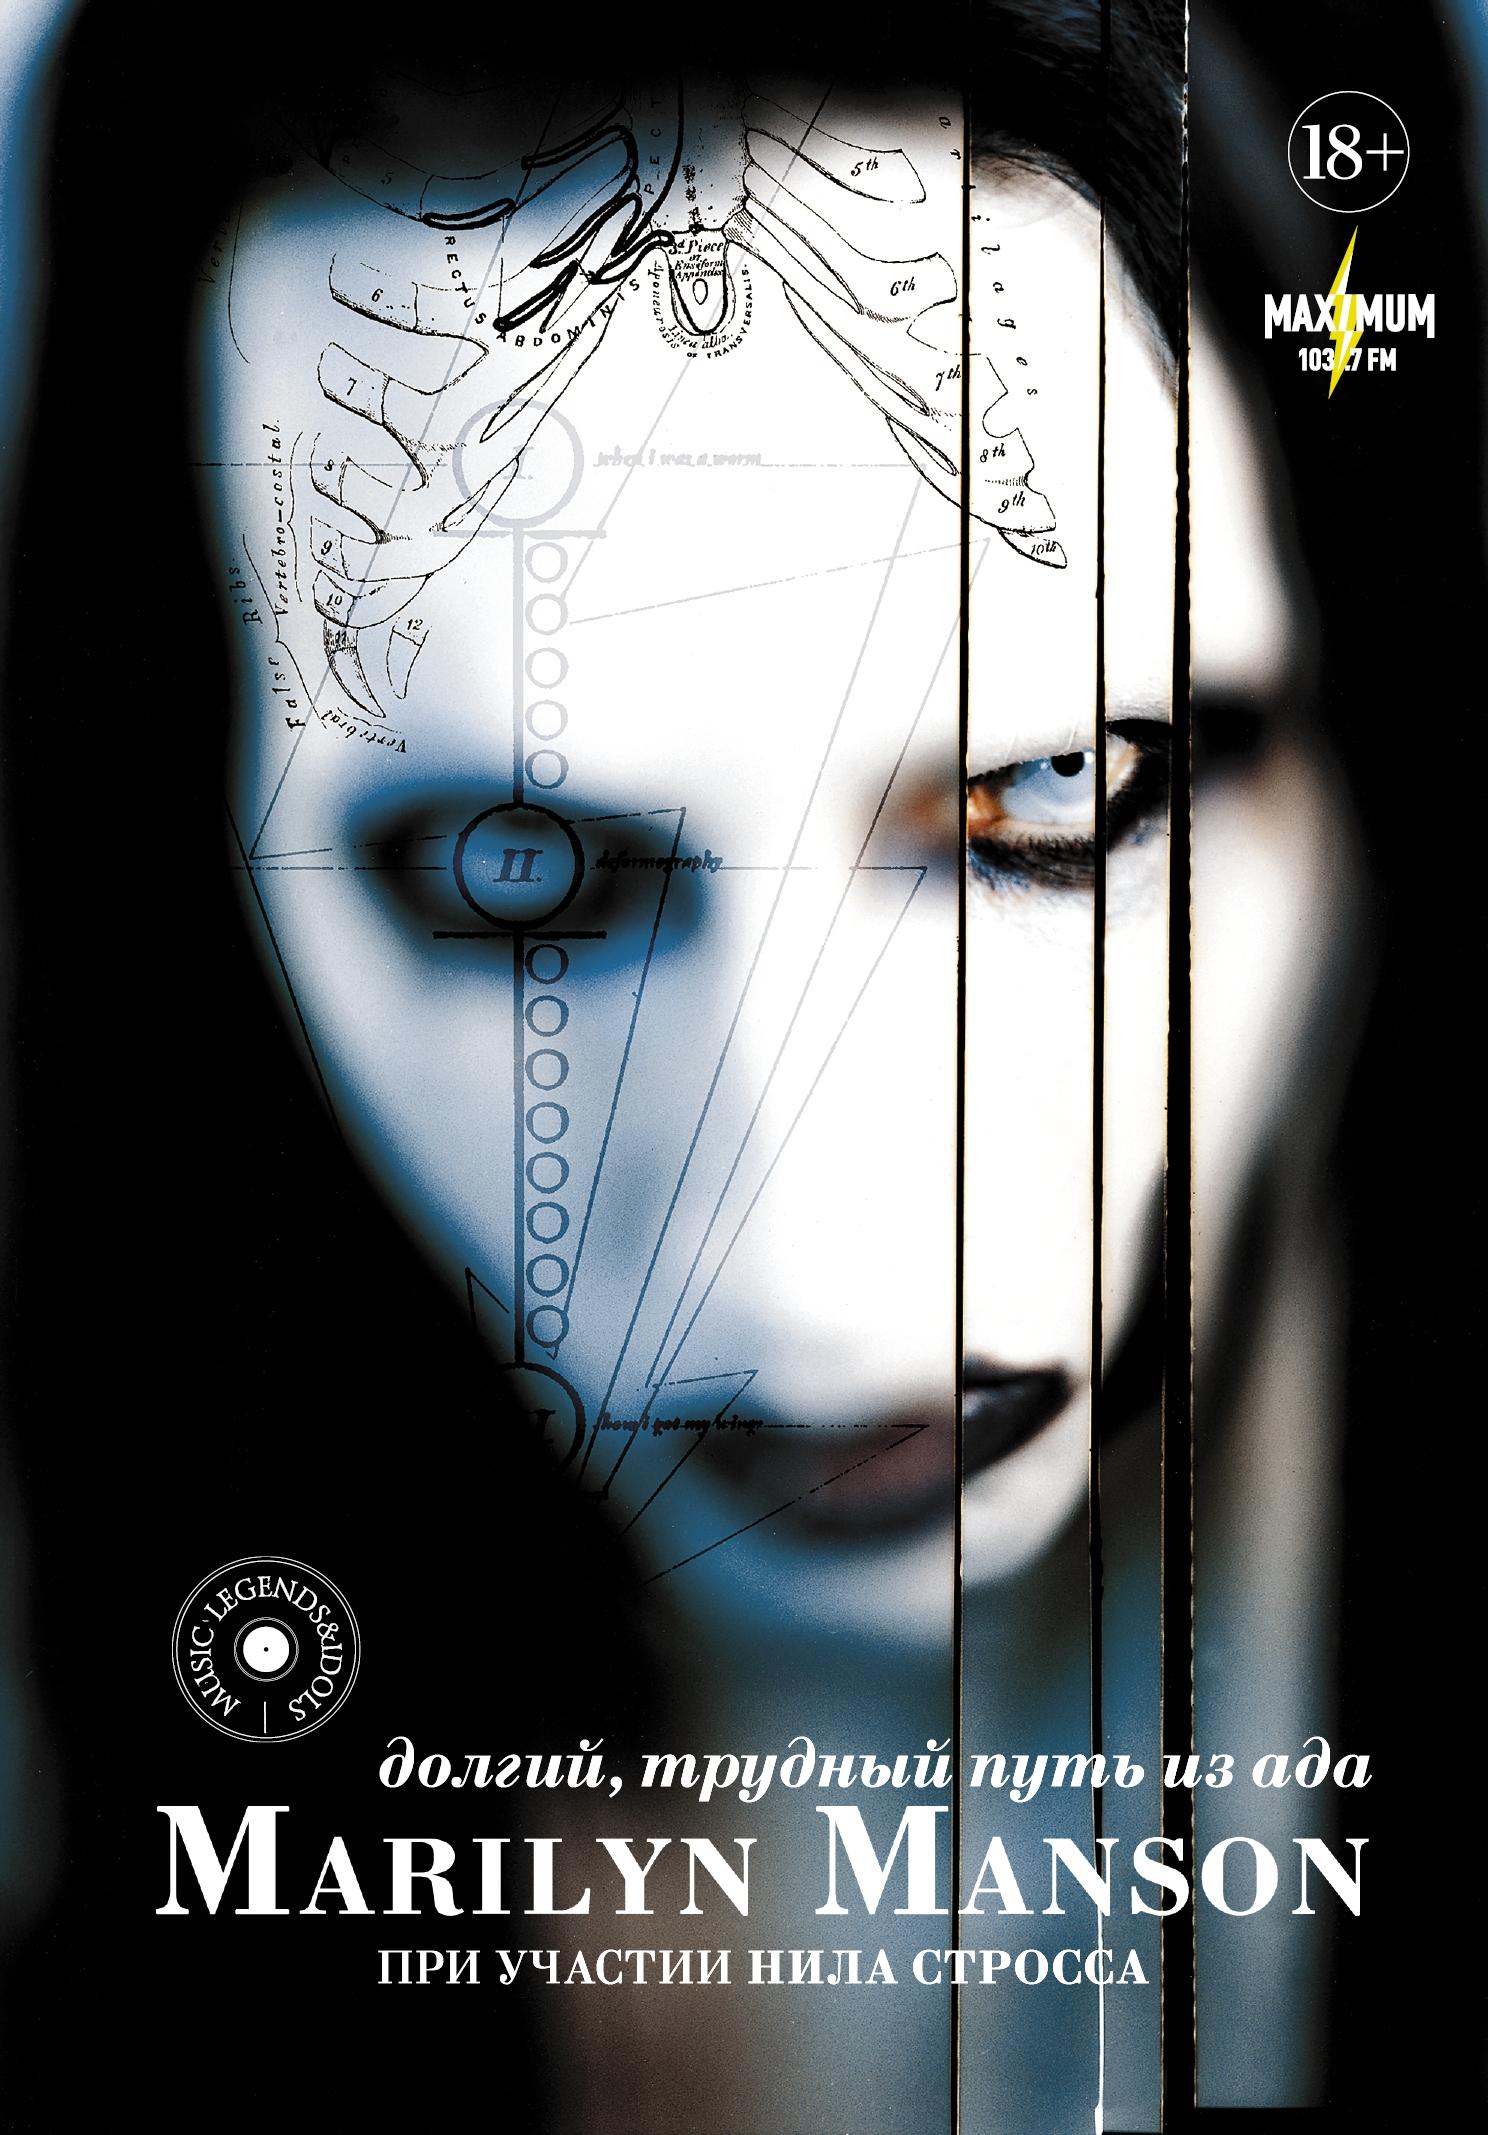 Marilyn Manson: долгий, трудный путь из ада - Мэрилин Мэнсон, Нил Стросс